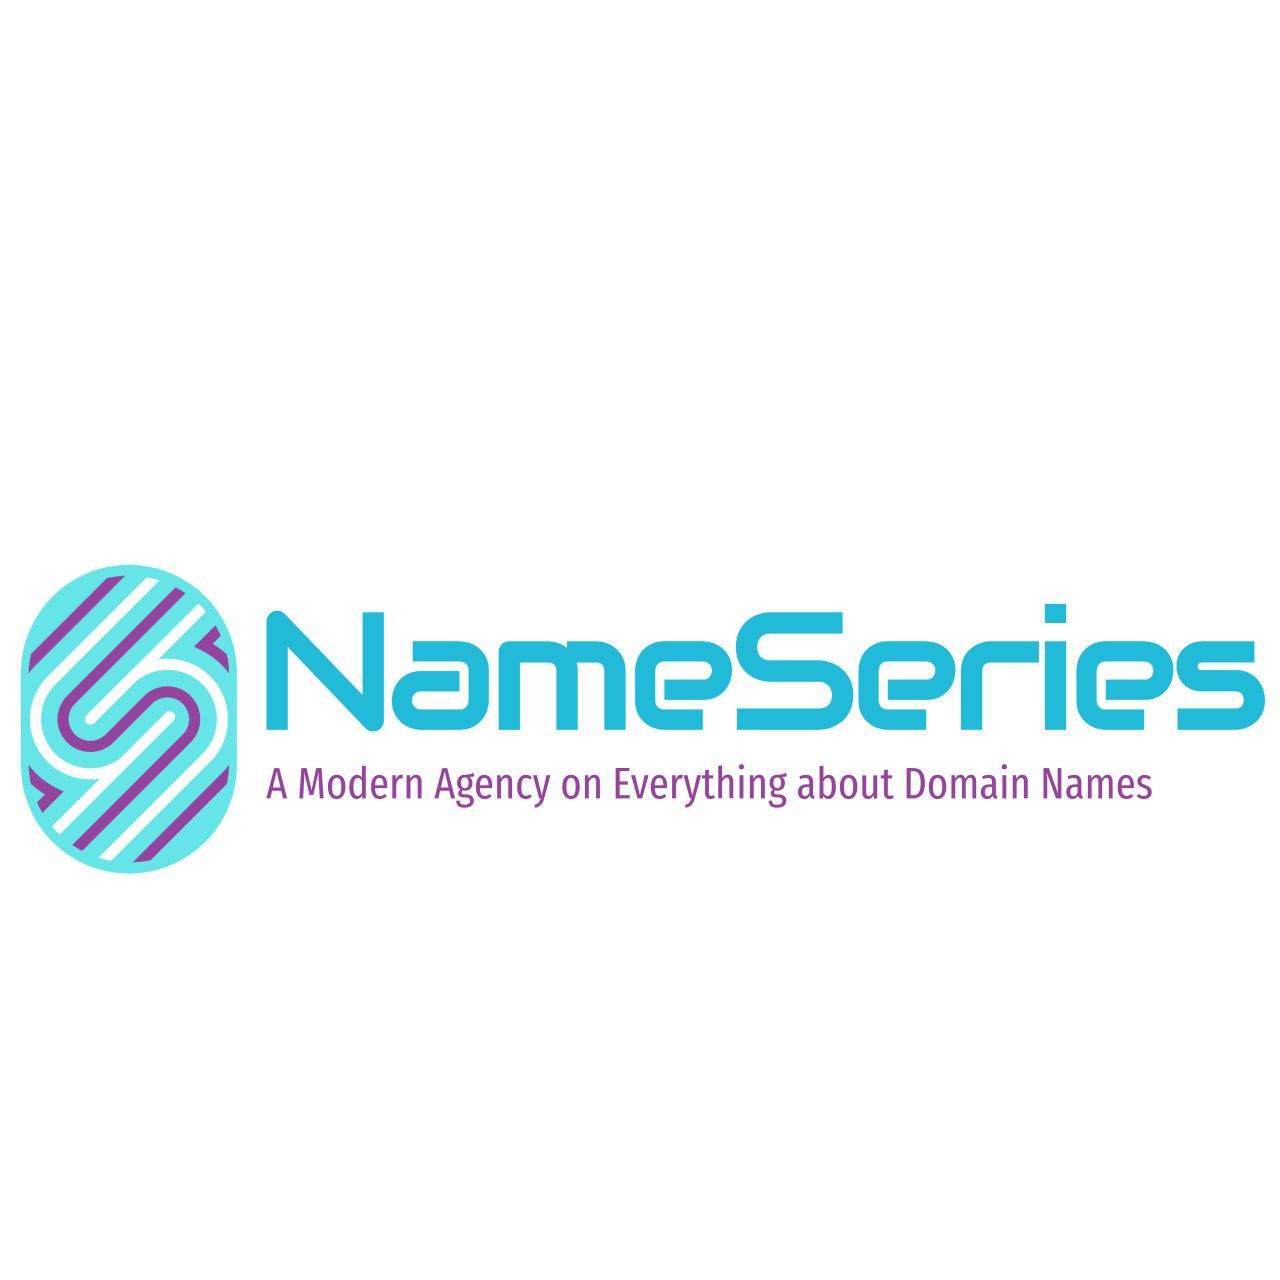 NameSeries